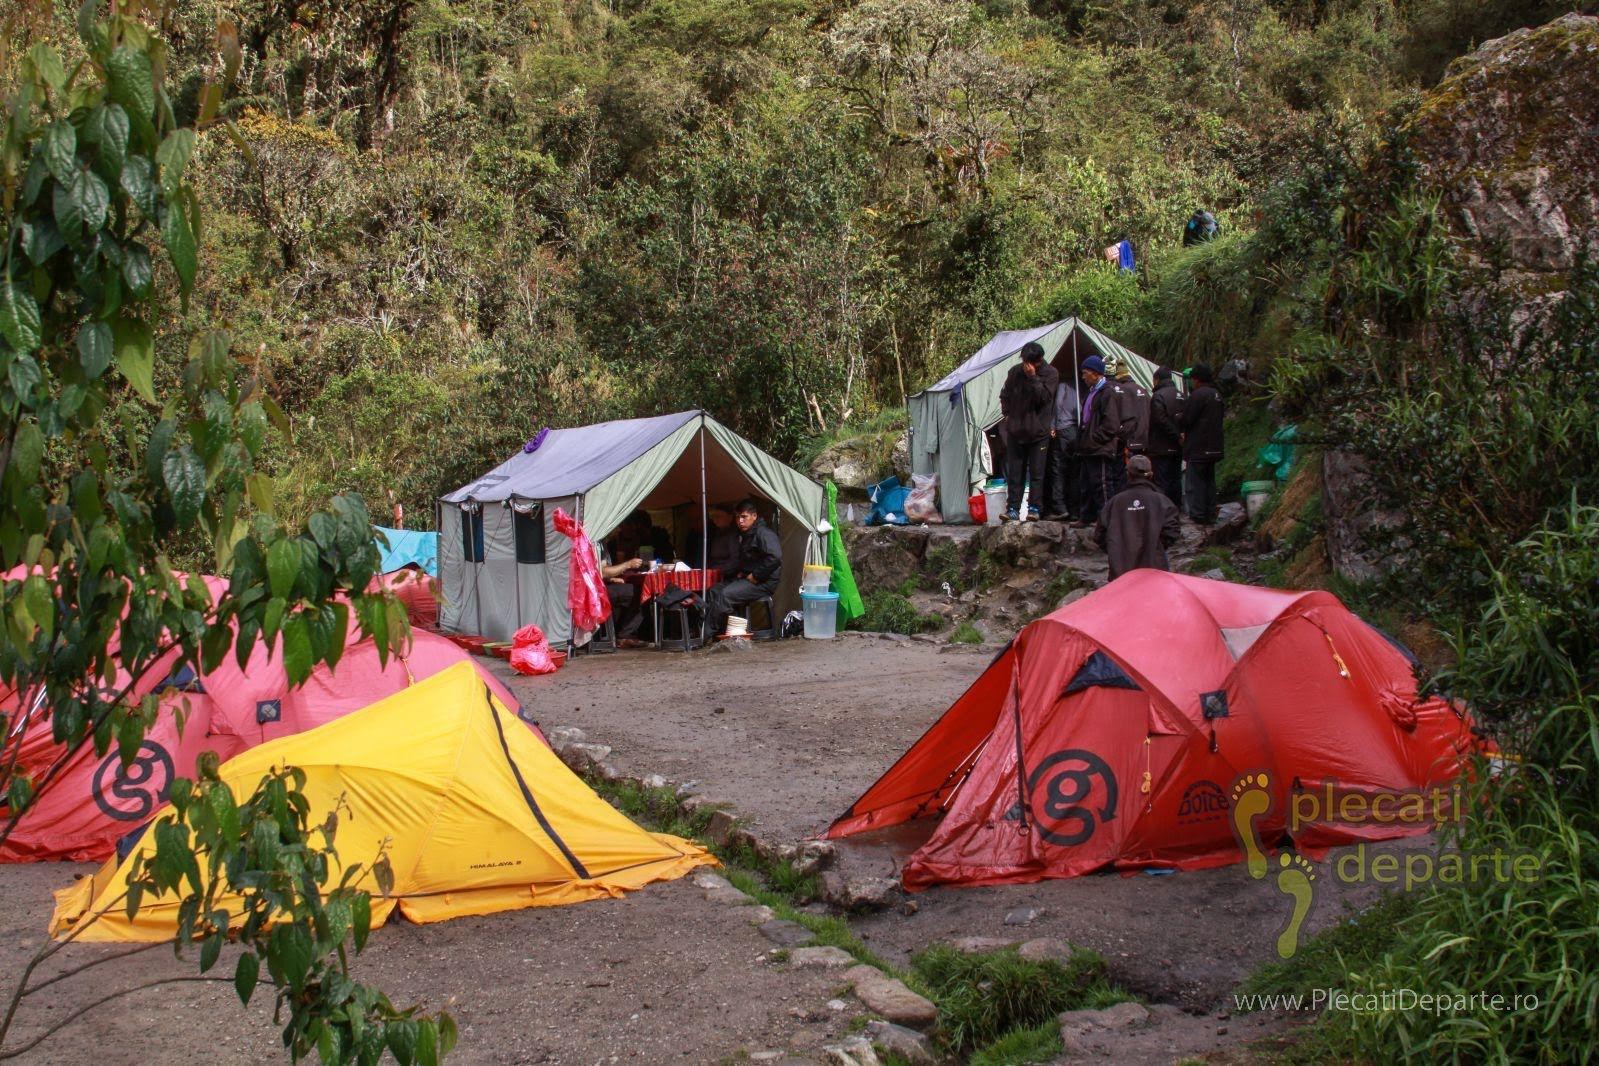 Corturi G Adventures asezate in tabara sau locul de campare pe Inca Trail spre Machu Picchu, in Peru